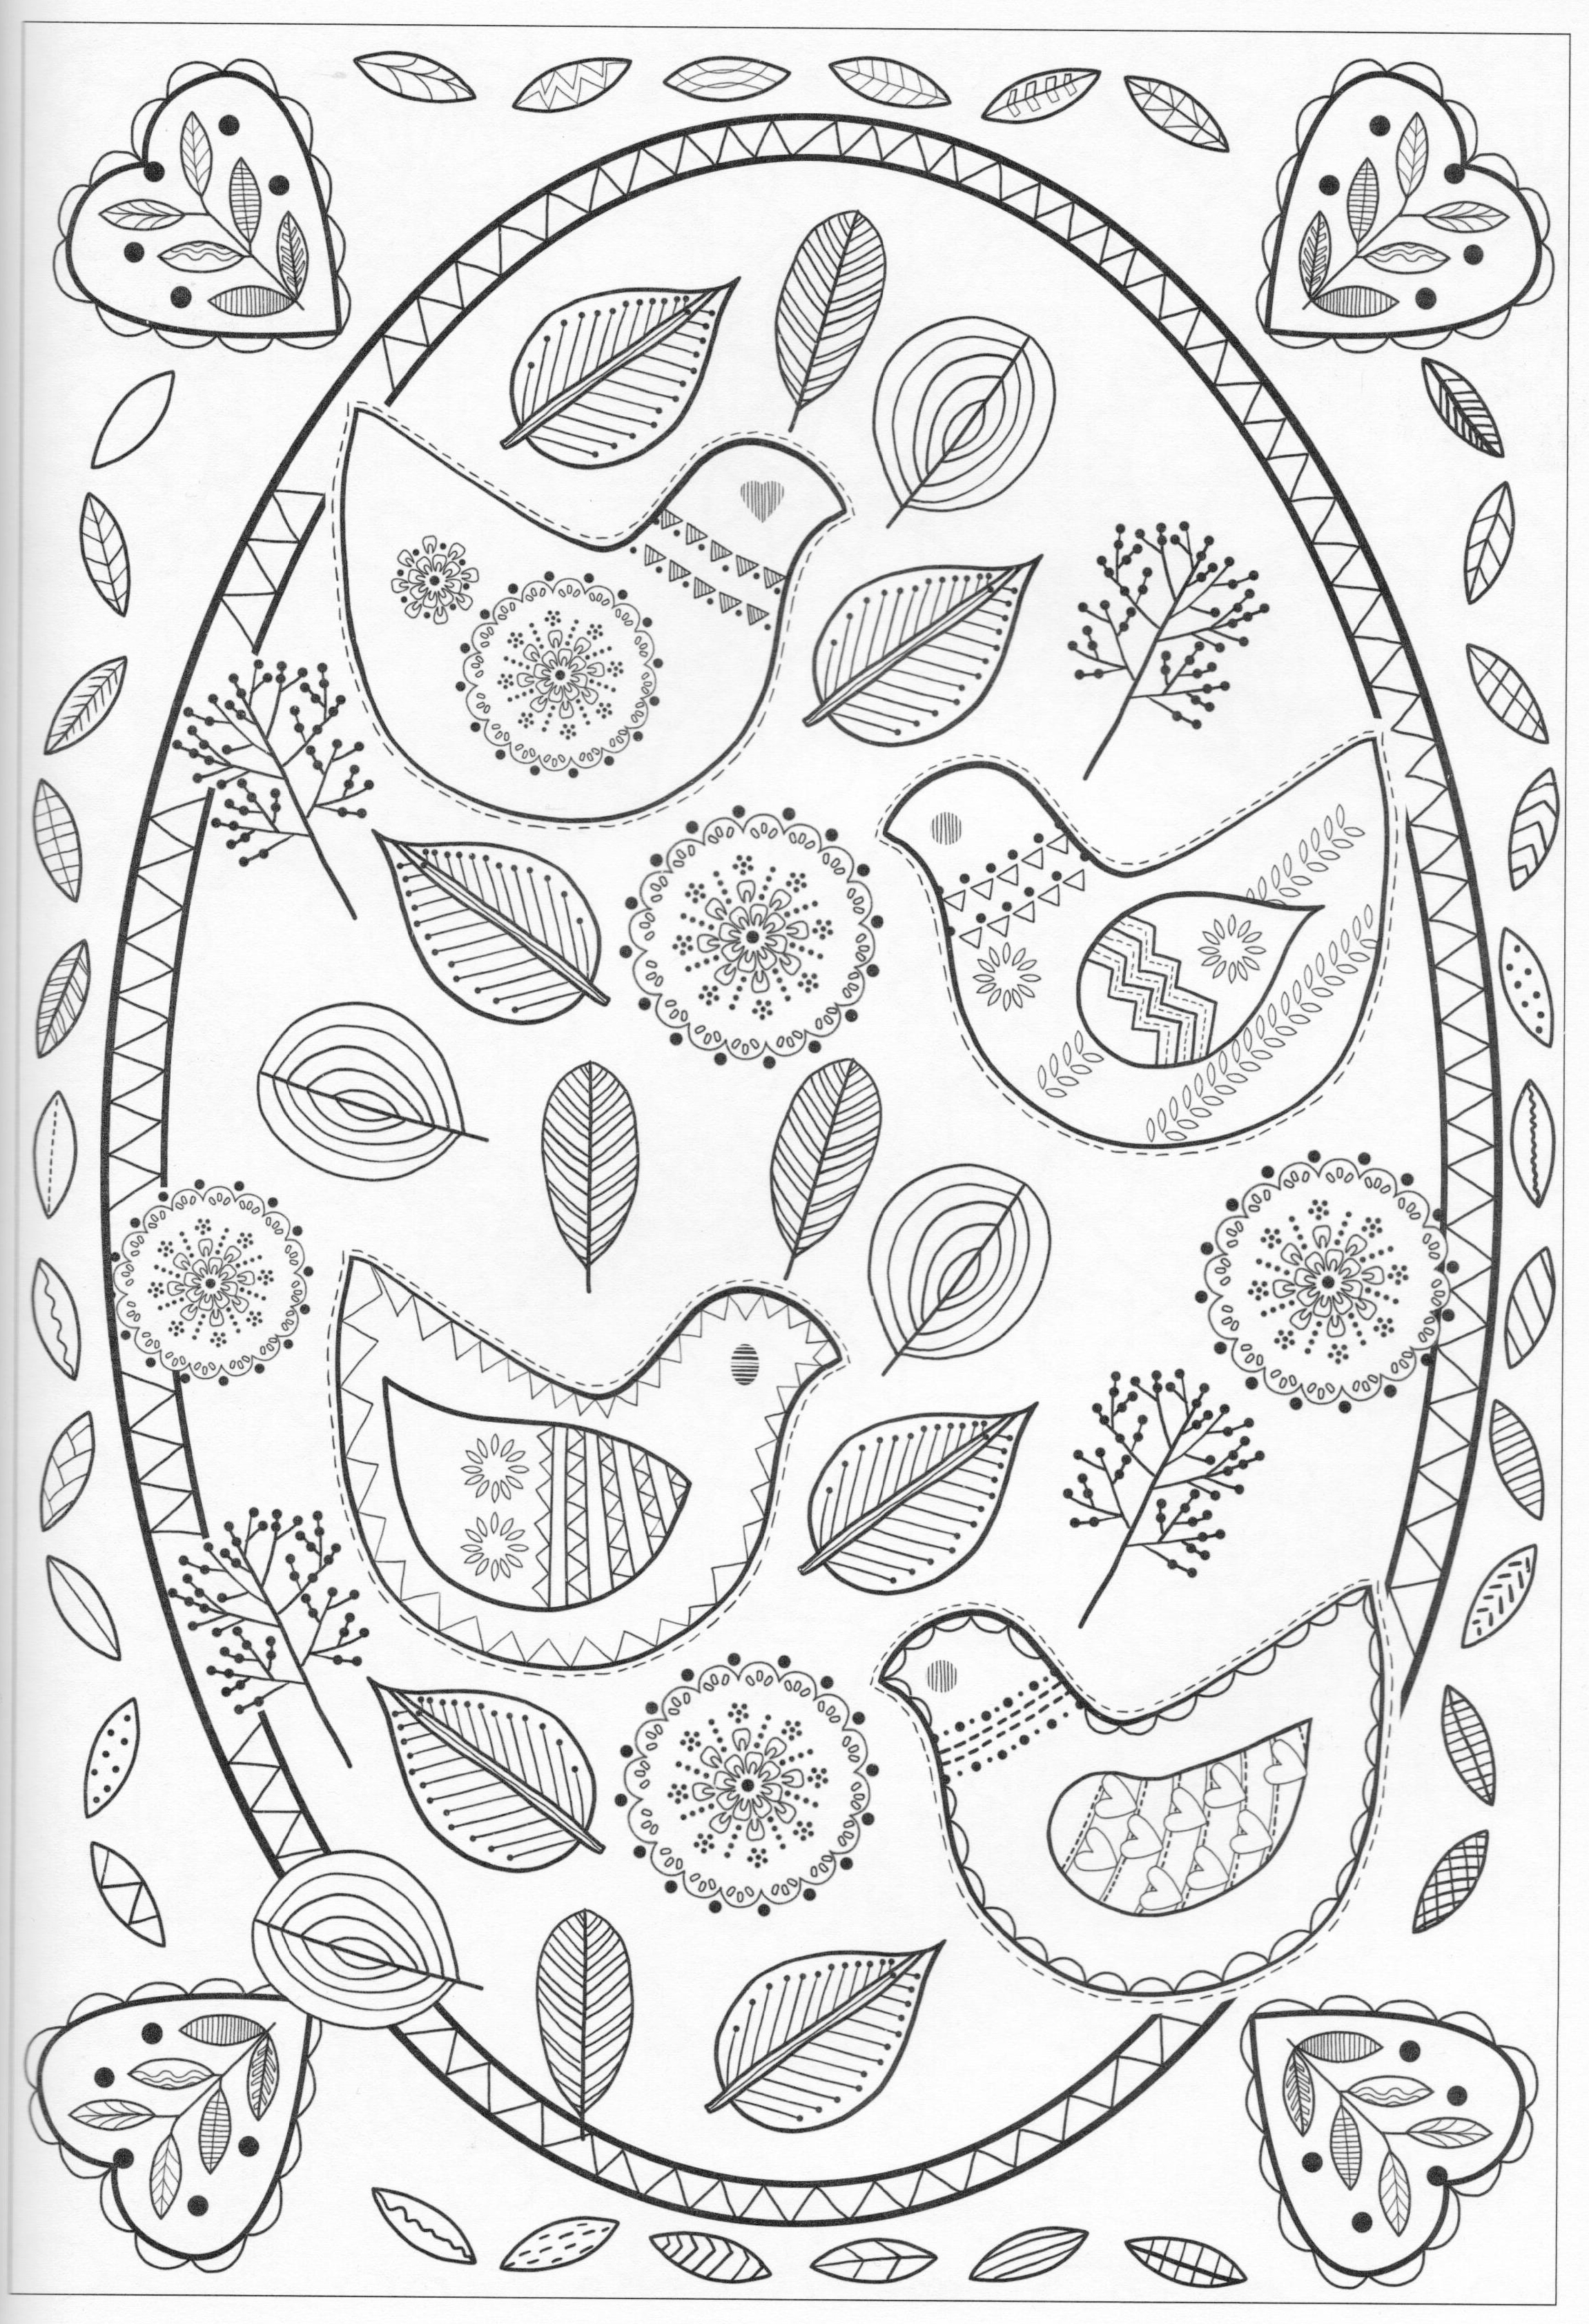 149 Dibujos Para Imprimir Colorear O Pintar Para Ni 241 Os